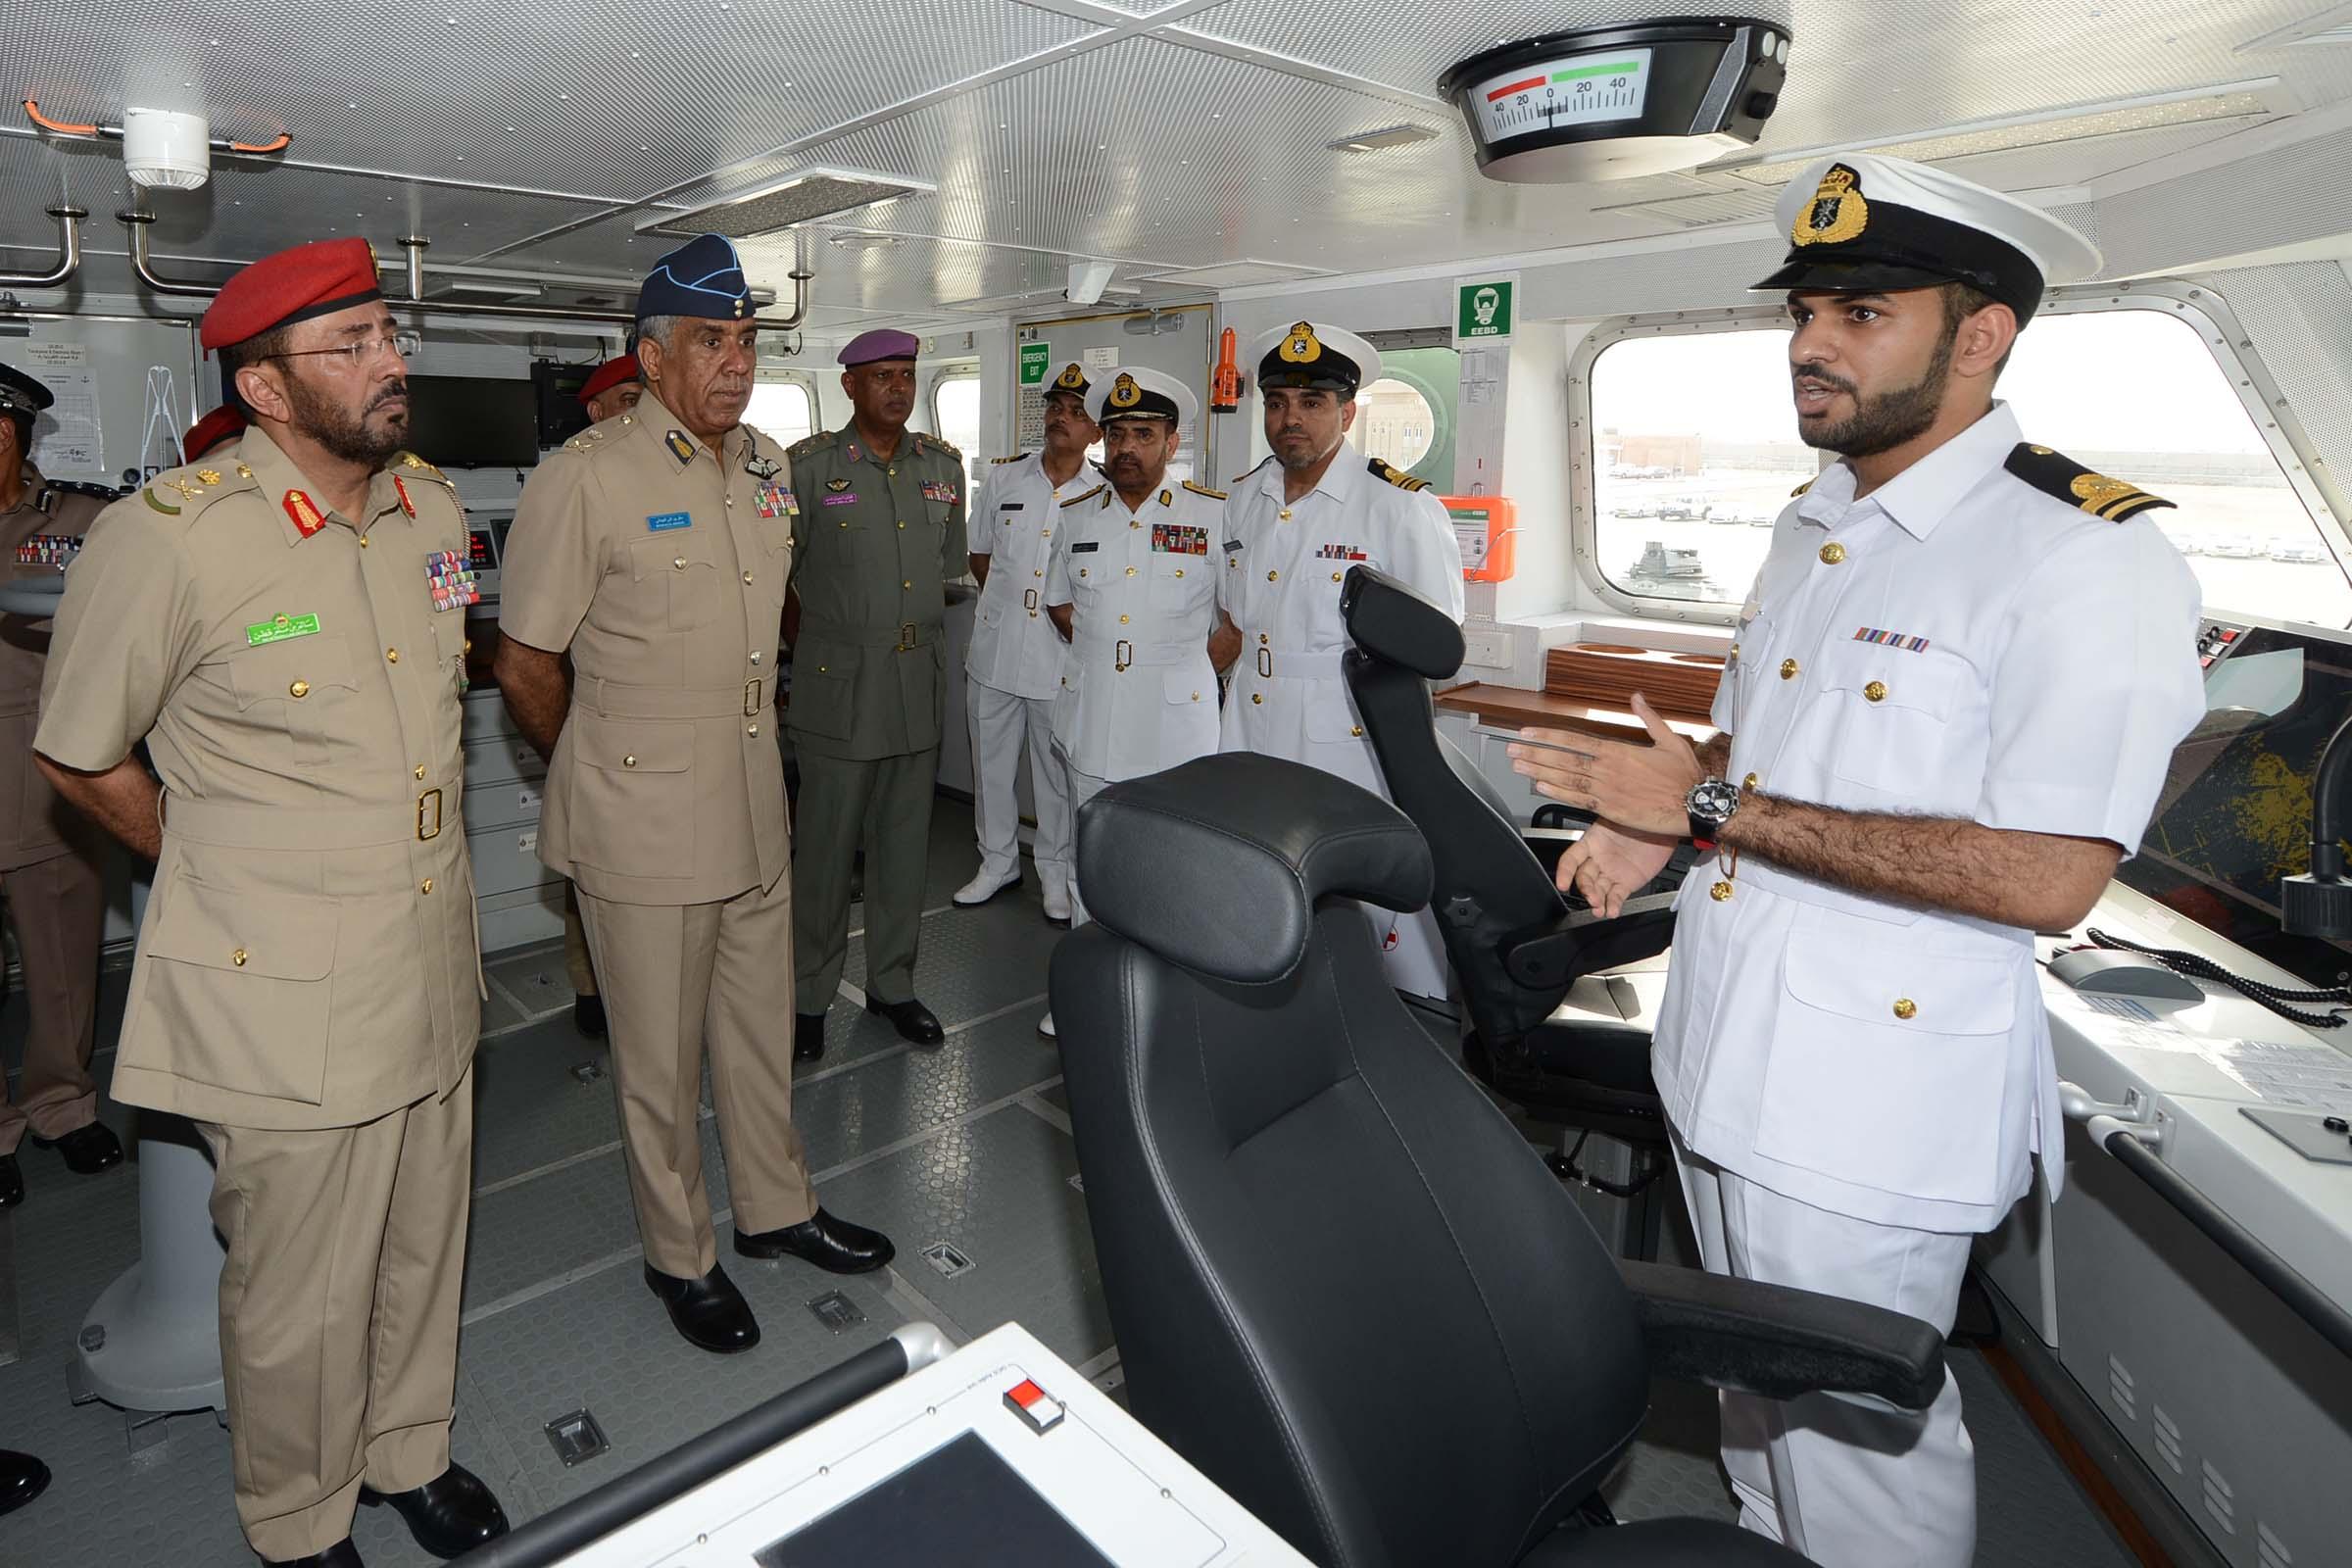 البحرية السلطانية العمانية تحتفل بانضمام السفينة (خصب) إلى أسطولها البحري